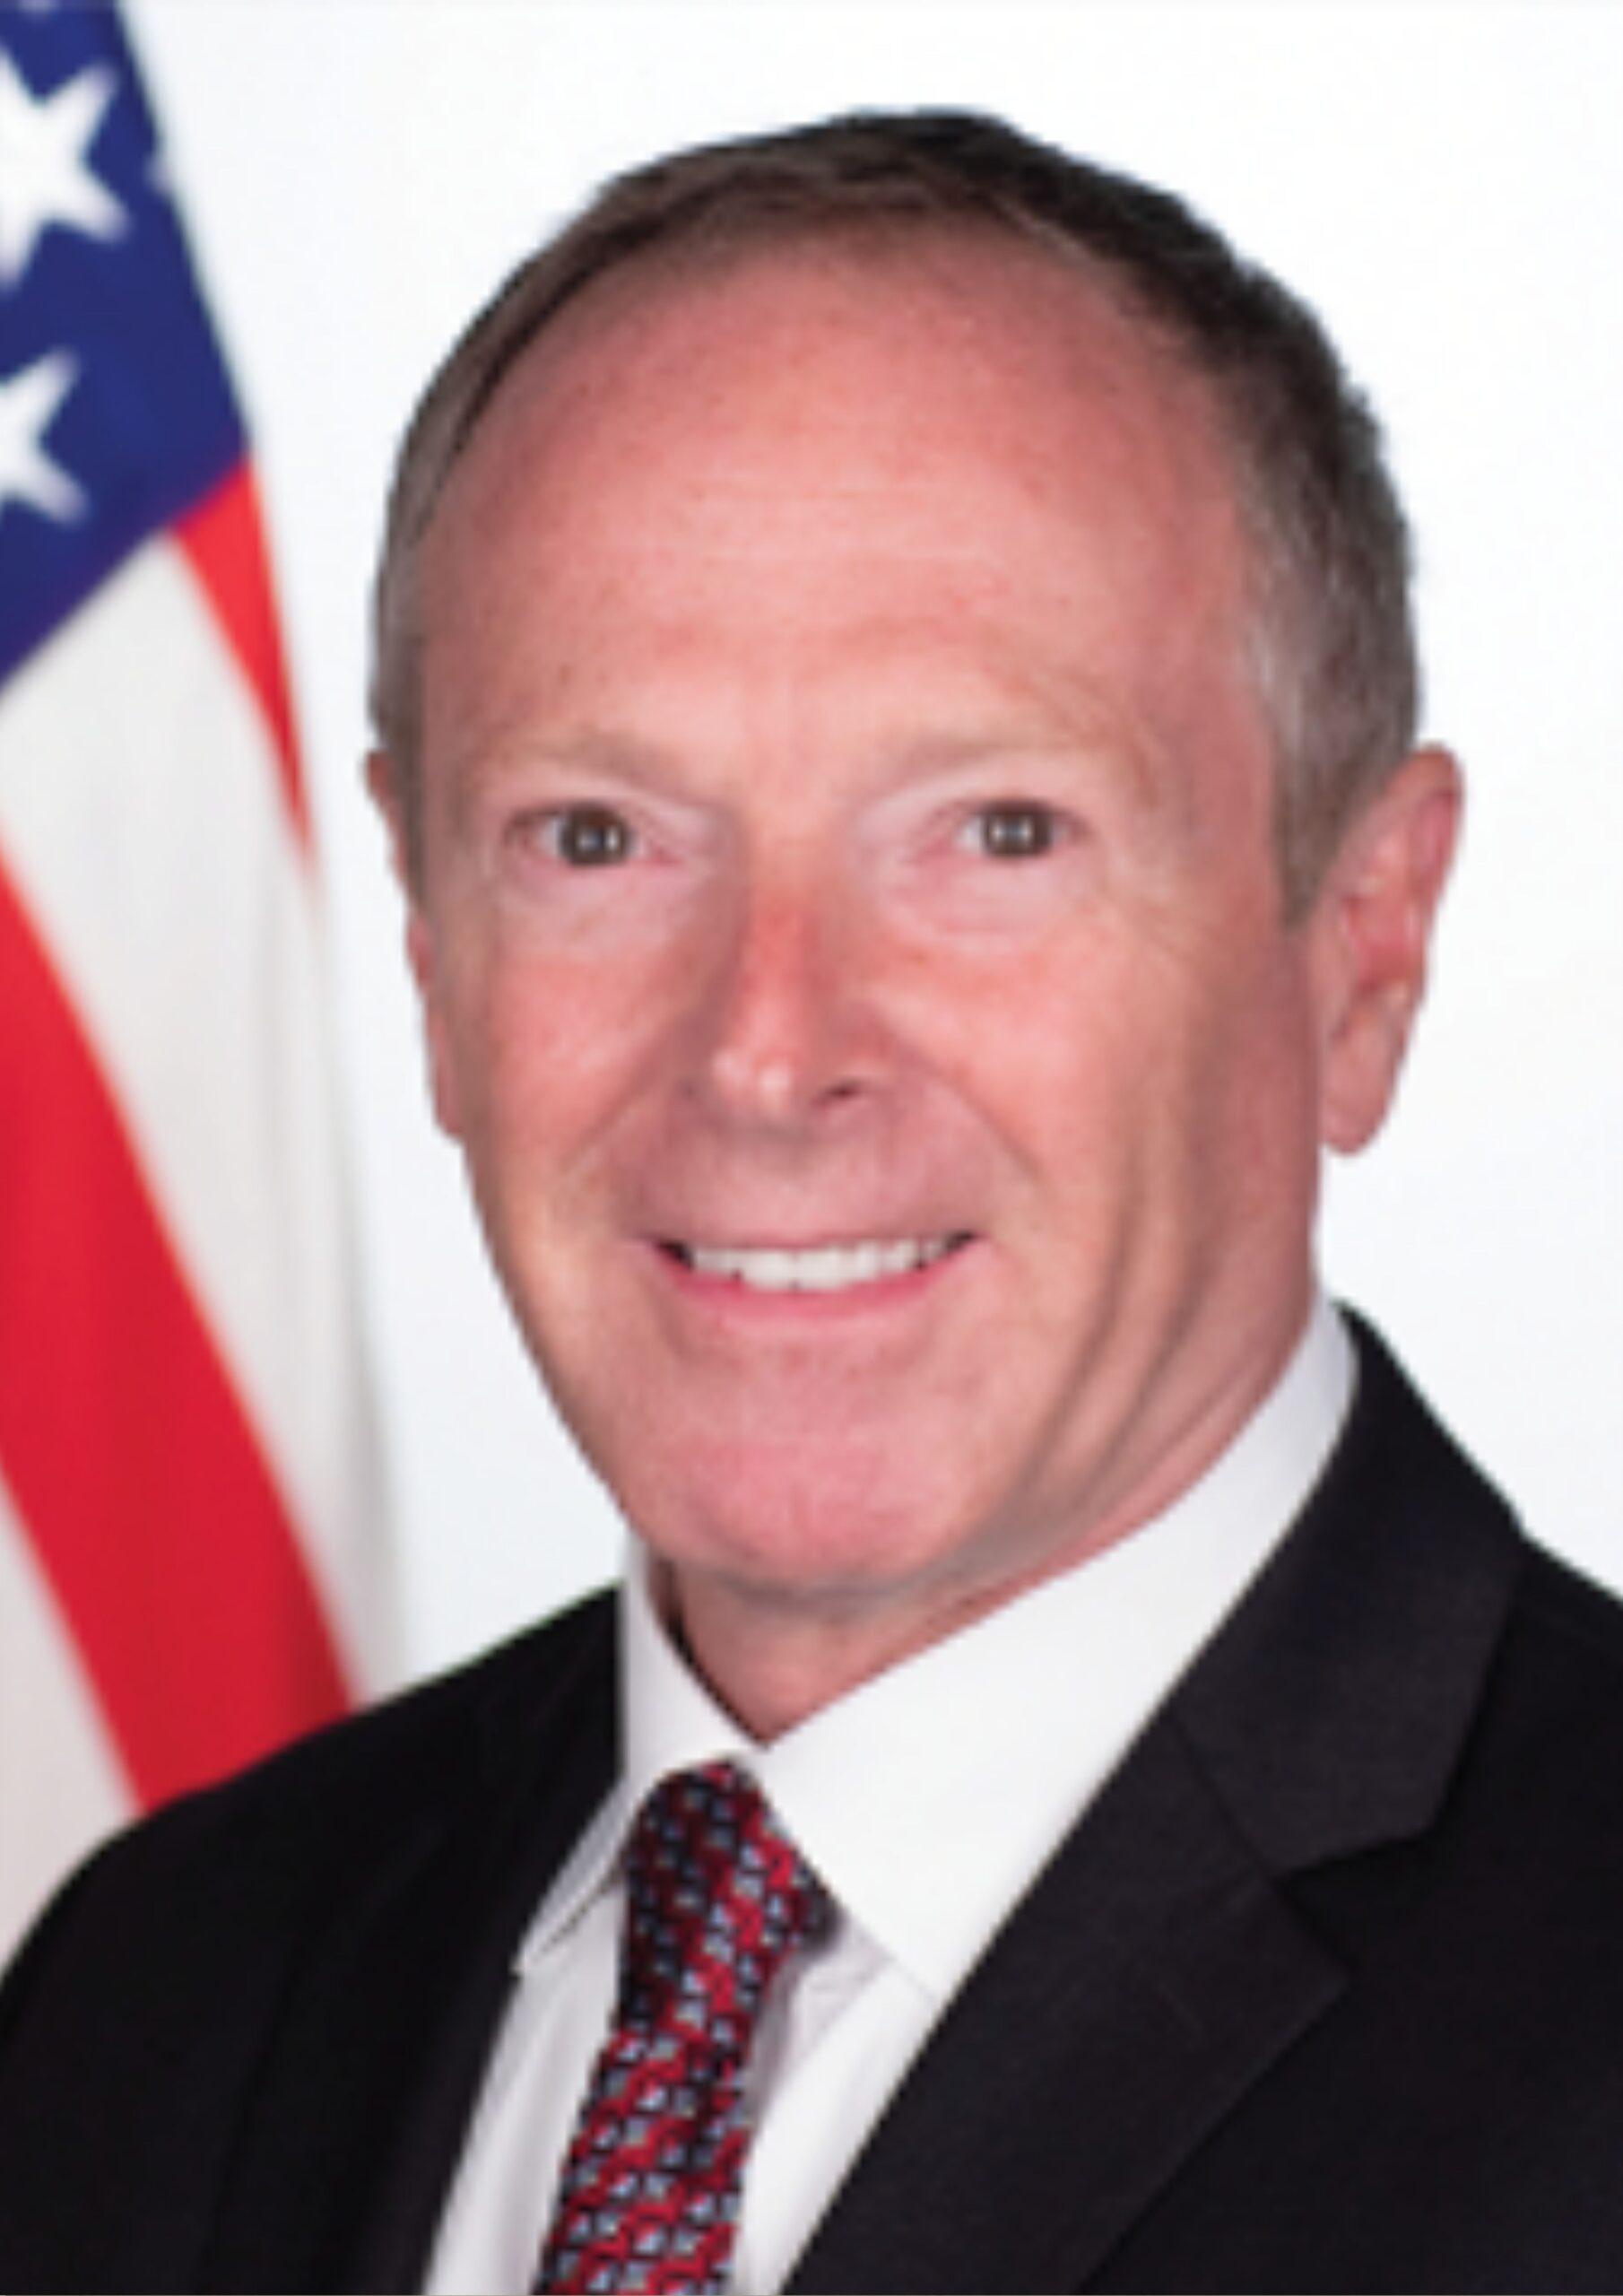 Dr. Jeff Weld